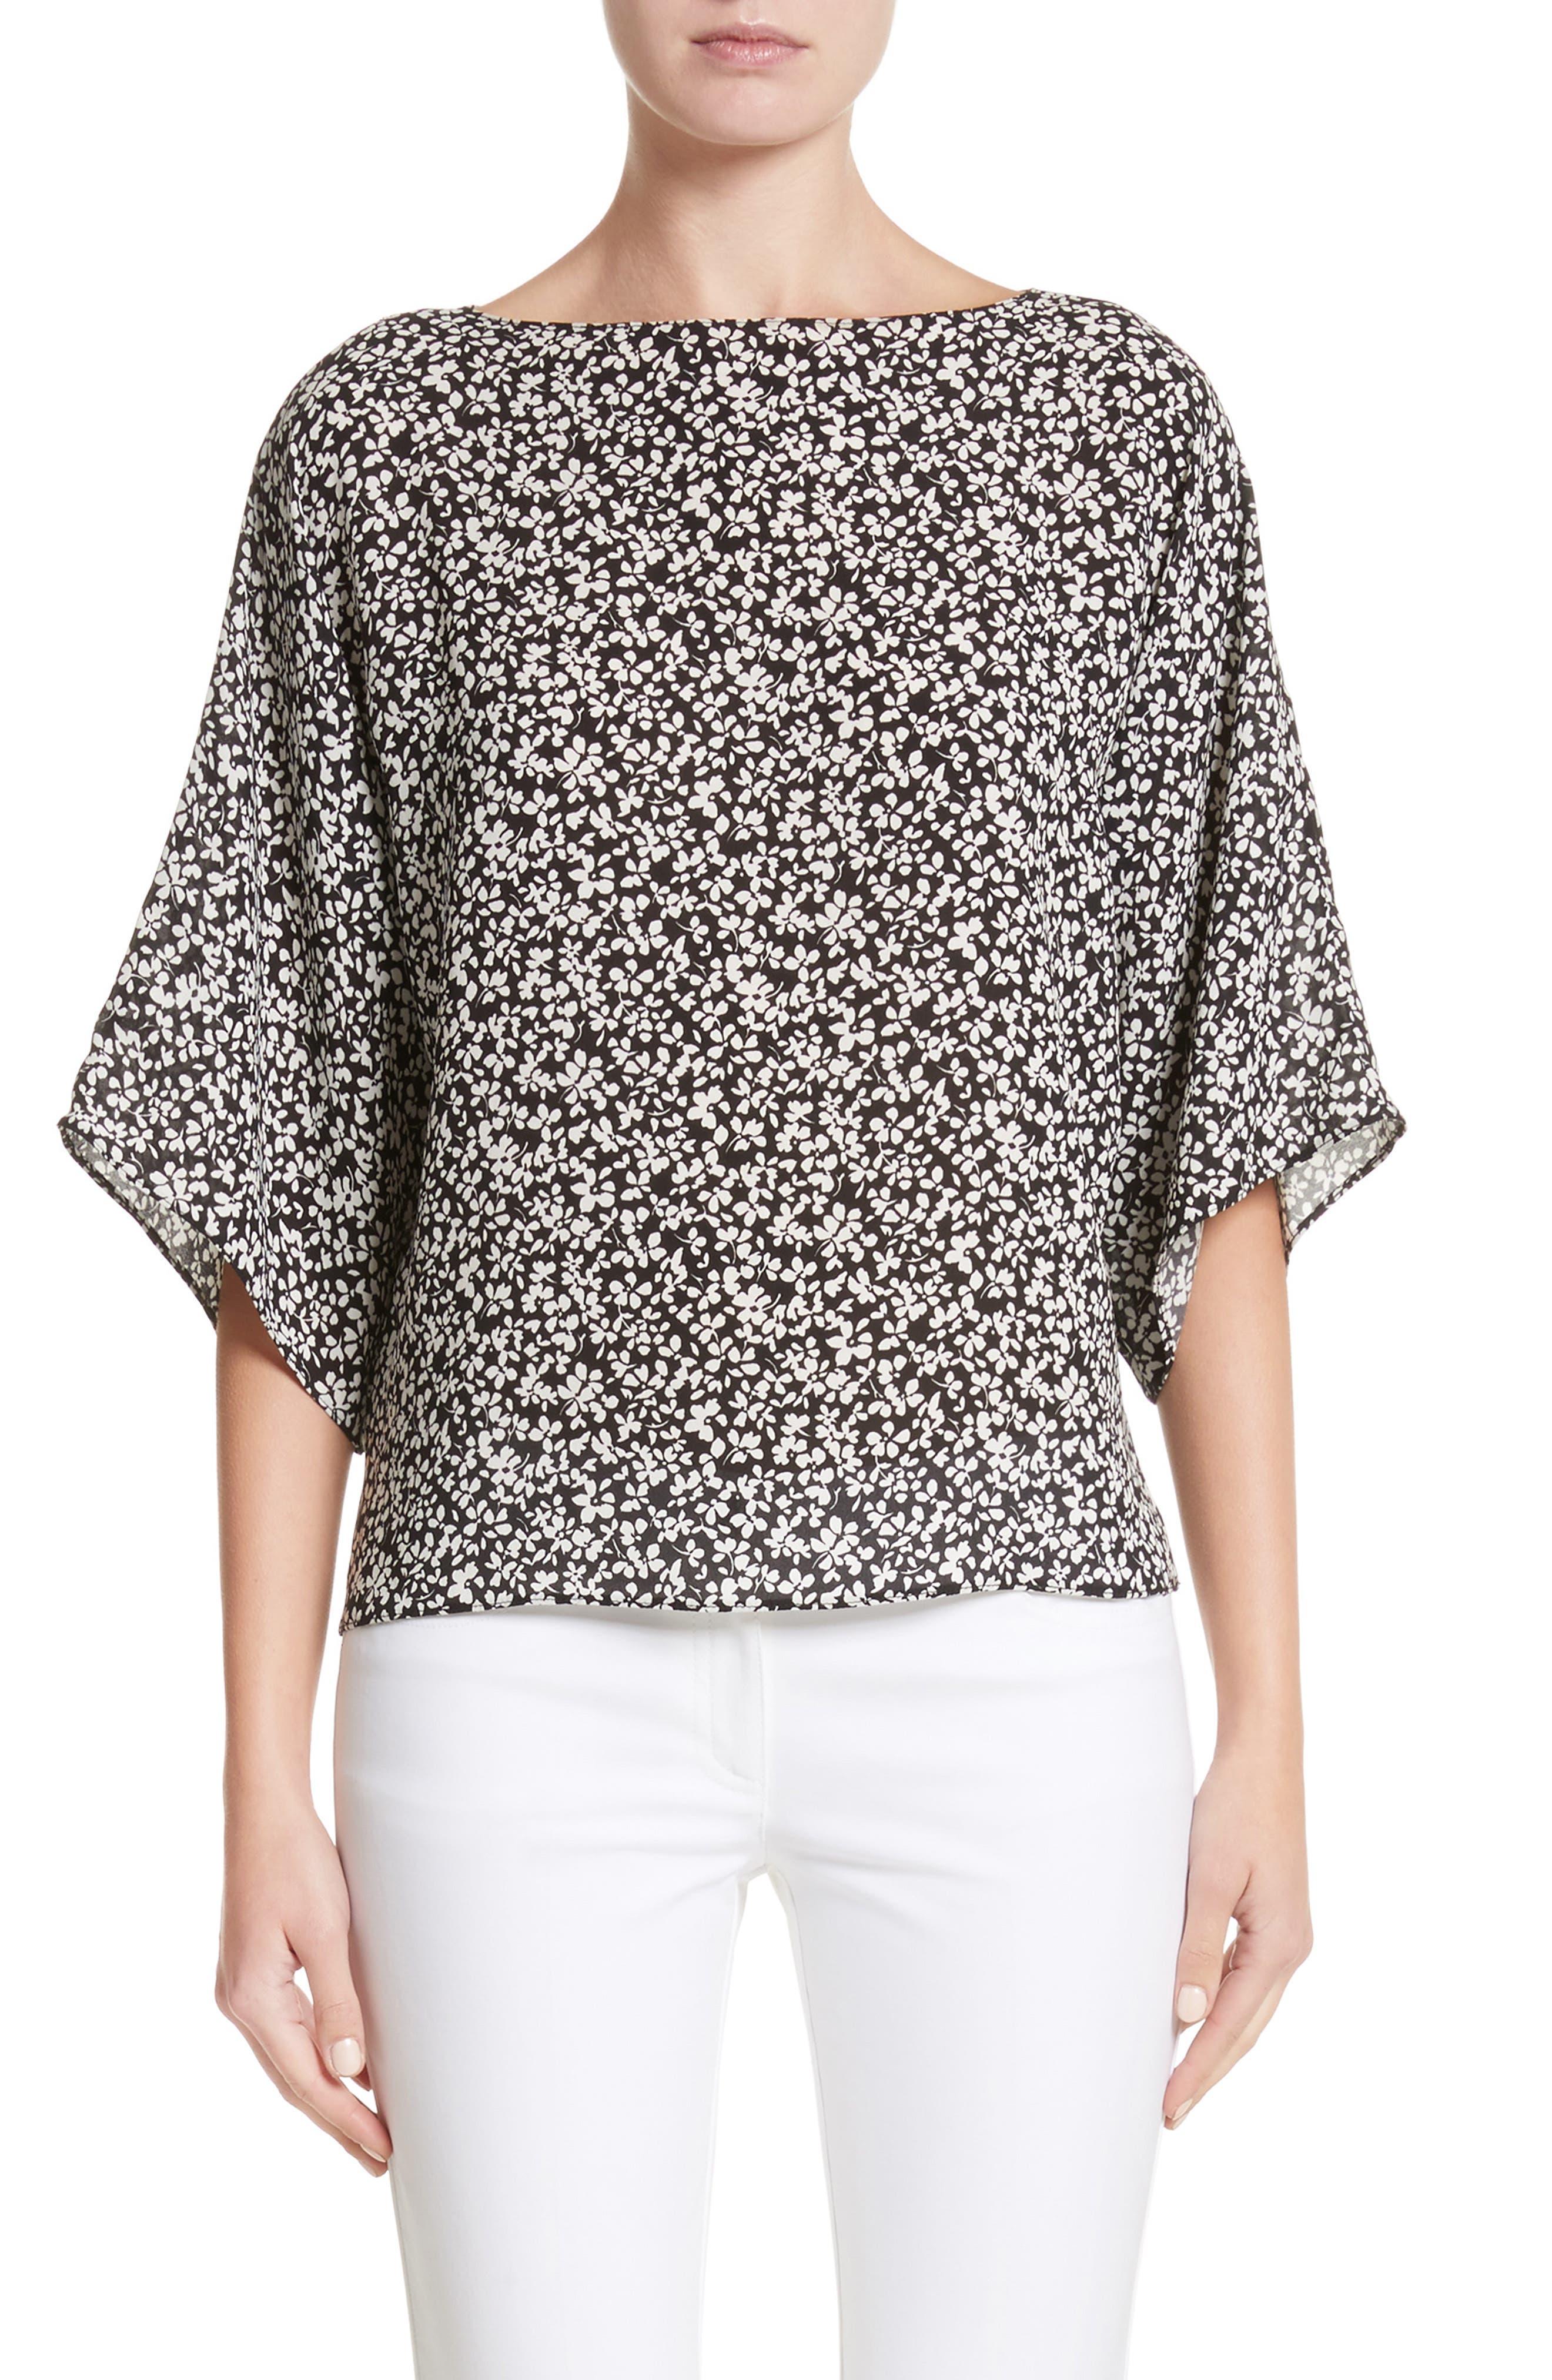 Floral Silk Blouse,                         Main,                         color, Black/White